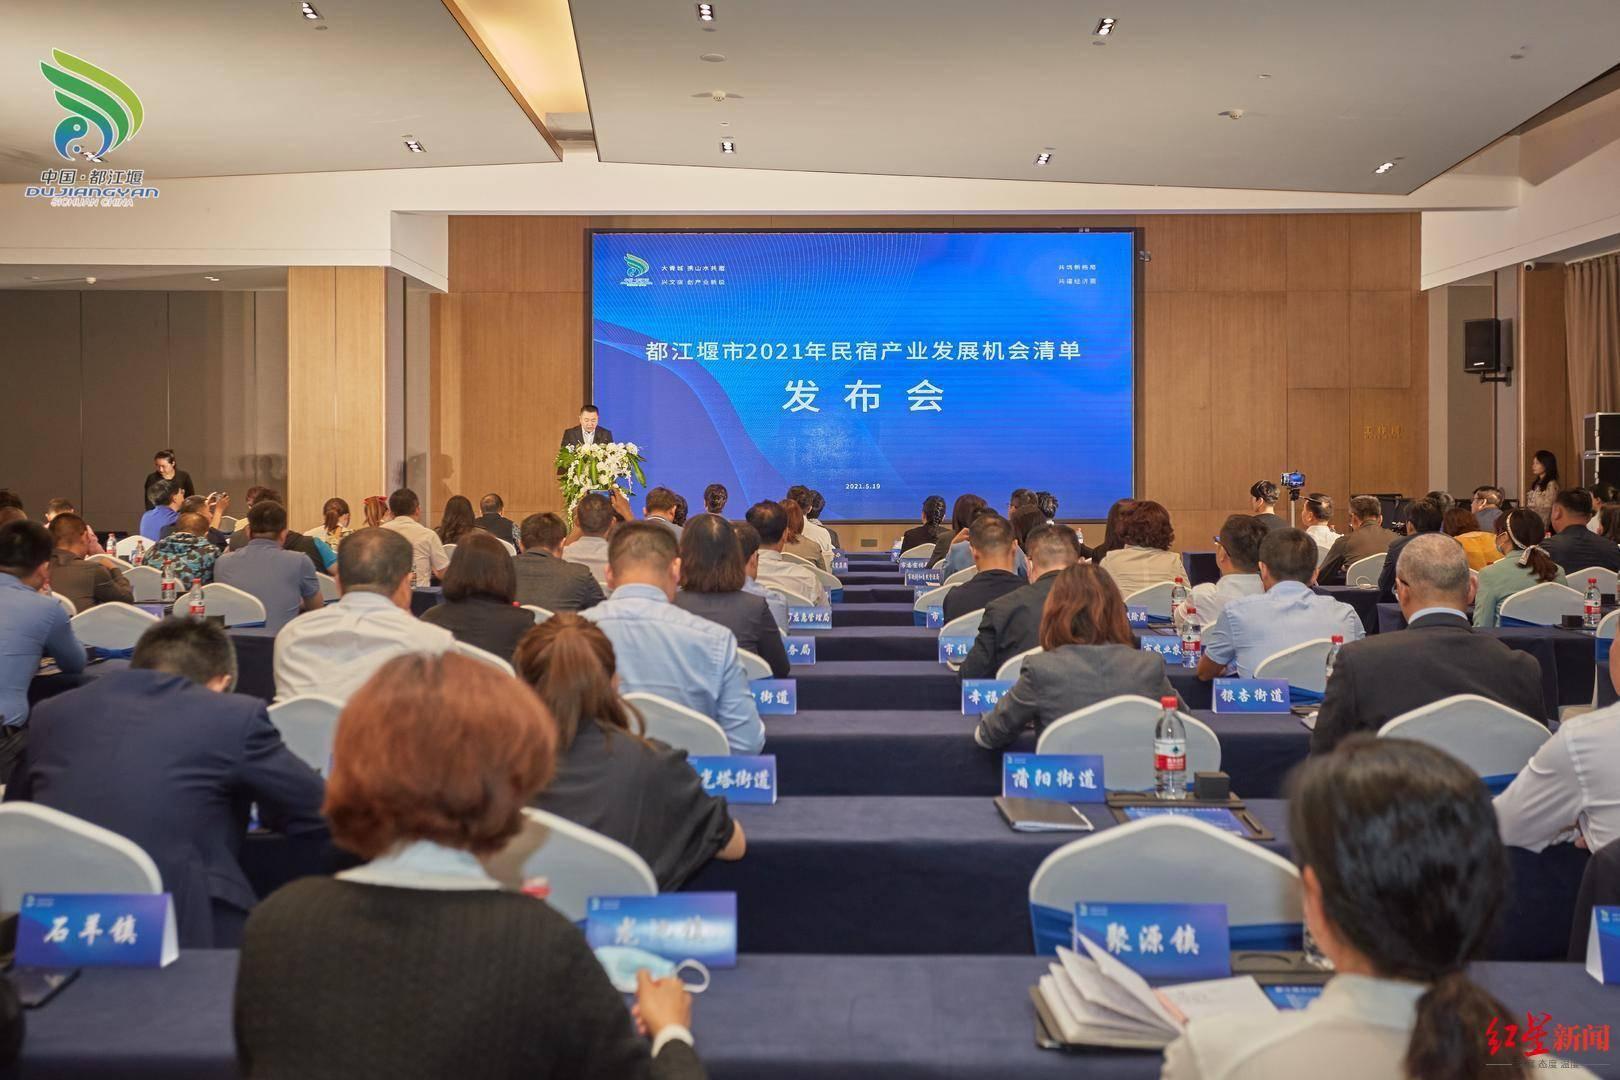 四大片区、317个点位!都江堰市发布2021年民宿产业发展机会清单